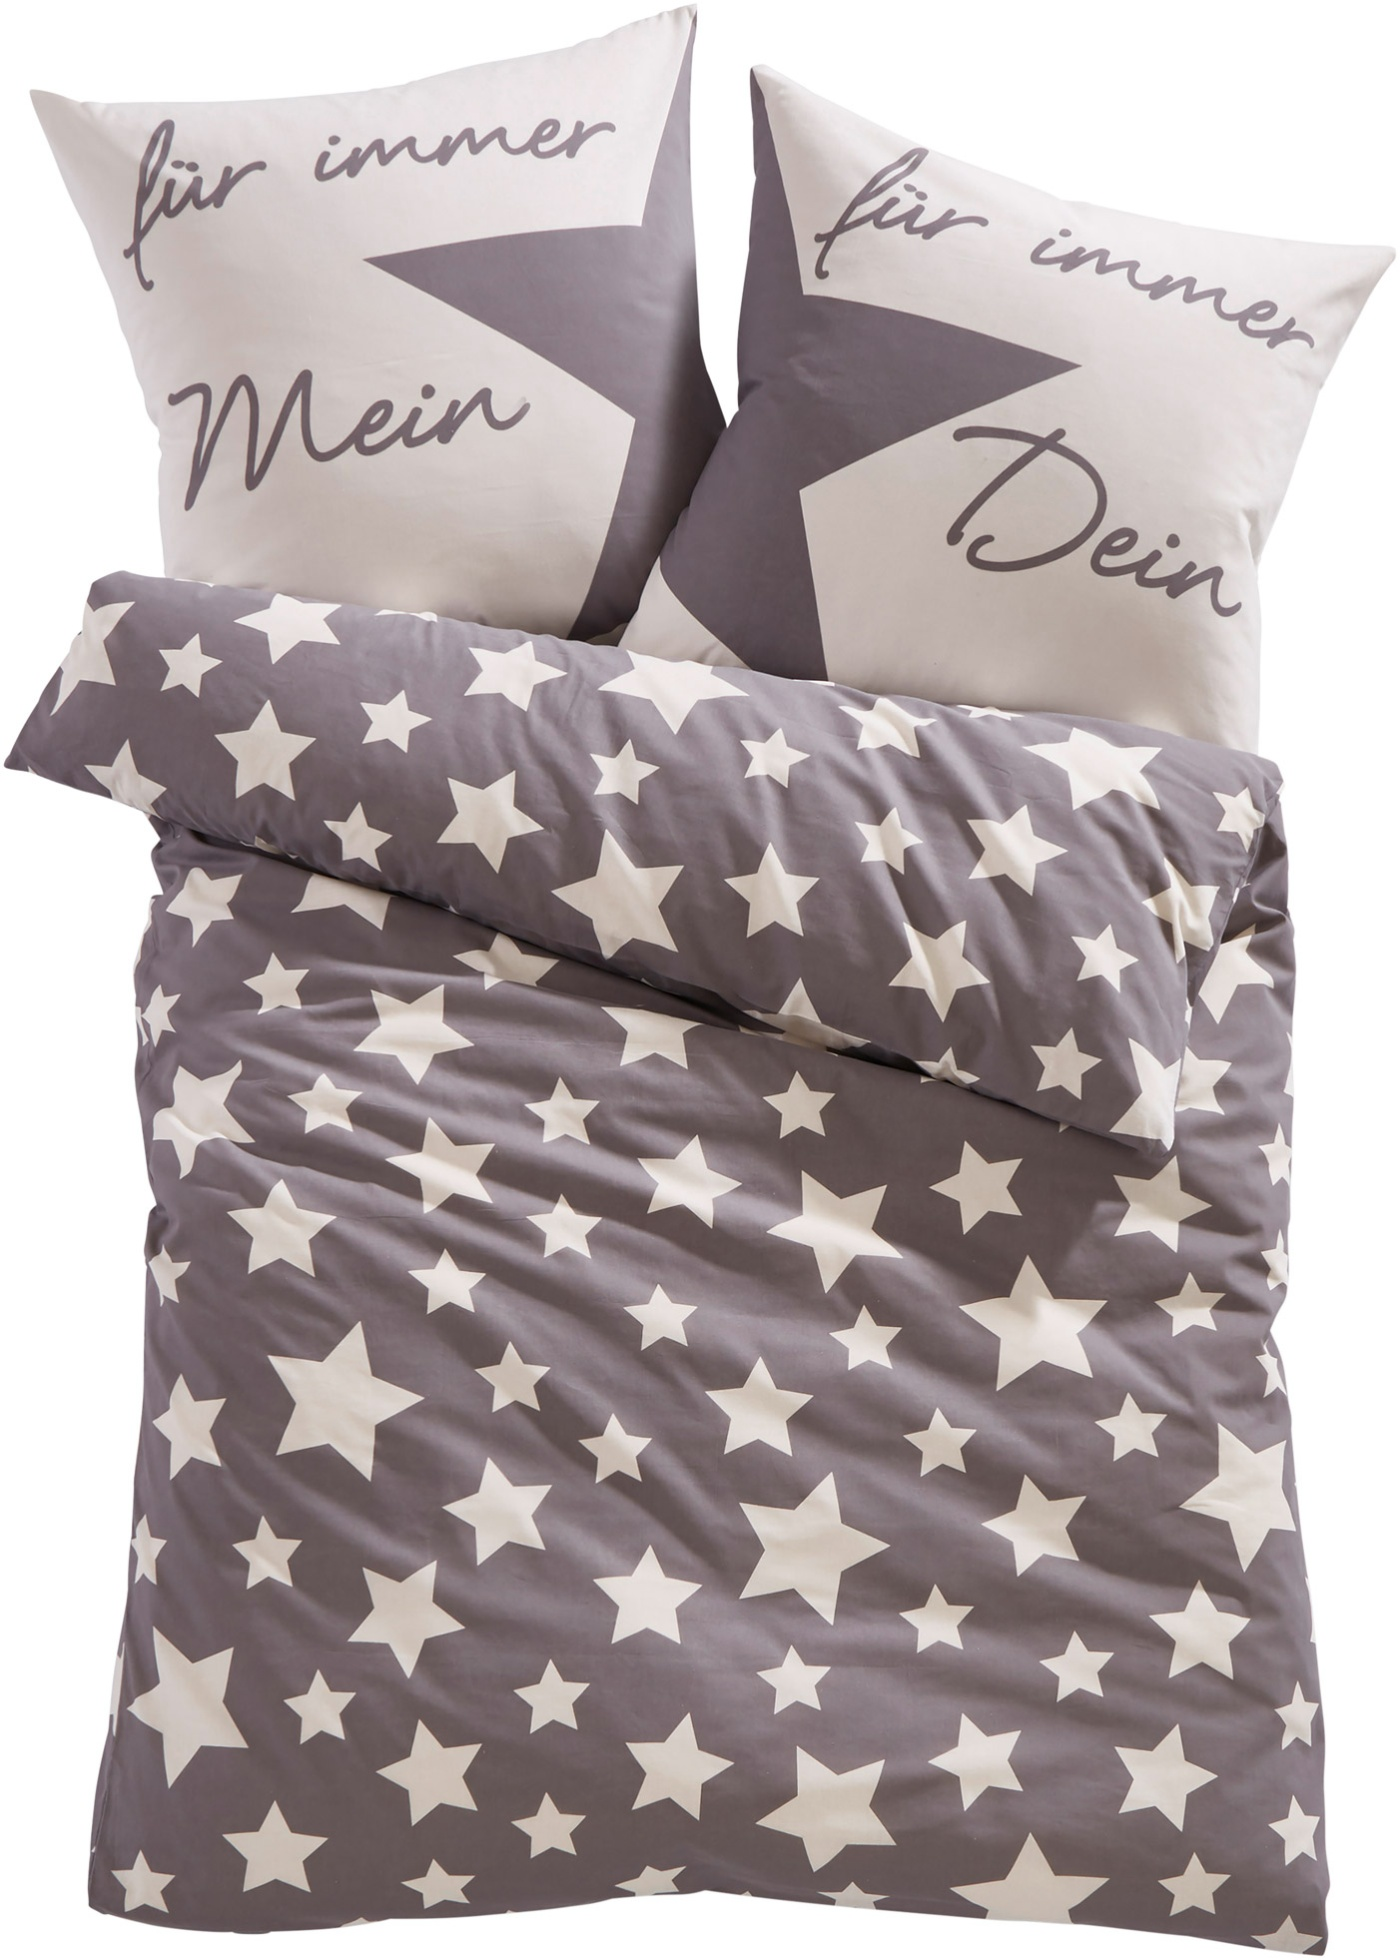 Ce magnifique linge de lit imprimé avec des motifs étoiles est pile dans la tendance du moment, en fil fin et lisse, il est très agréable sur la peau.